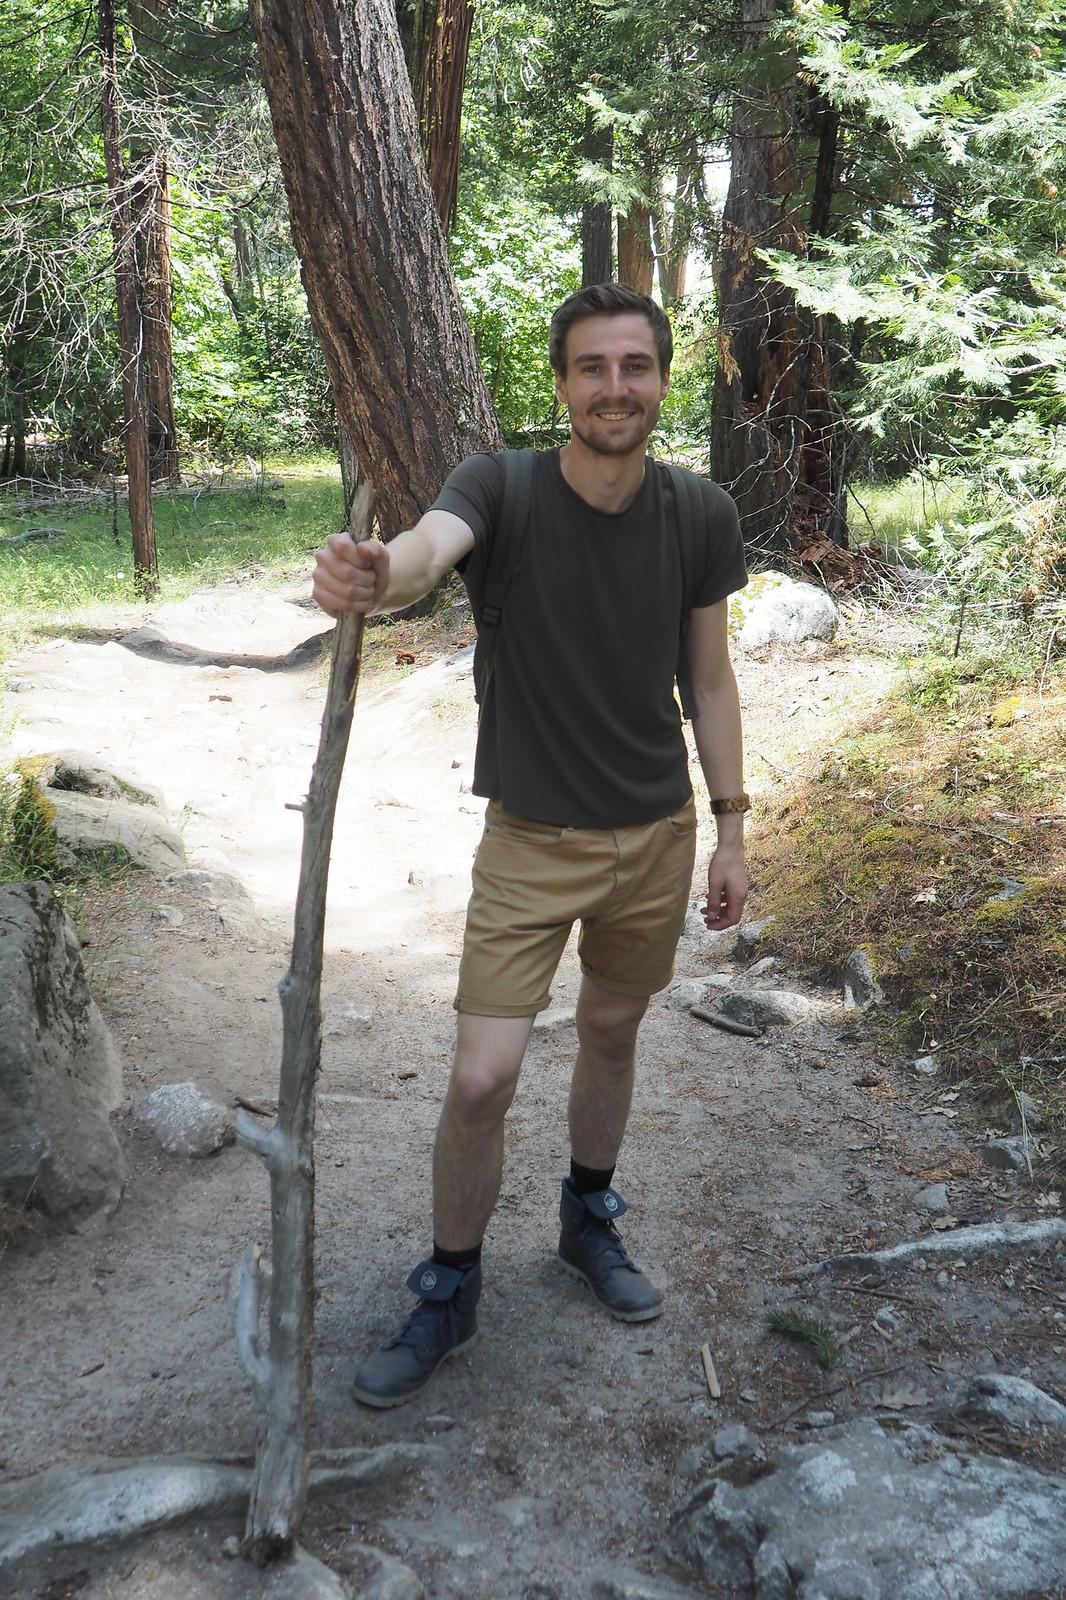 Charlie Yosemite